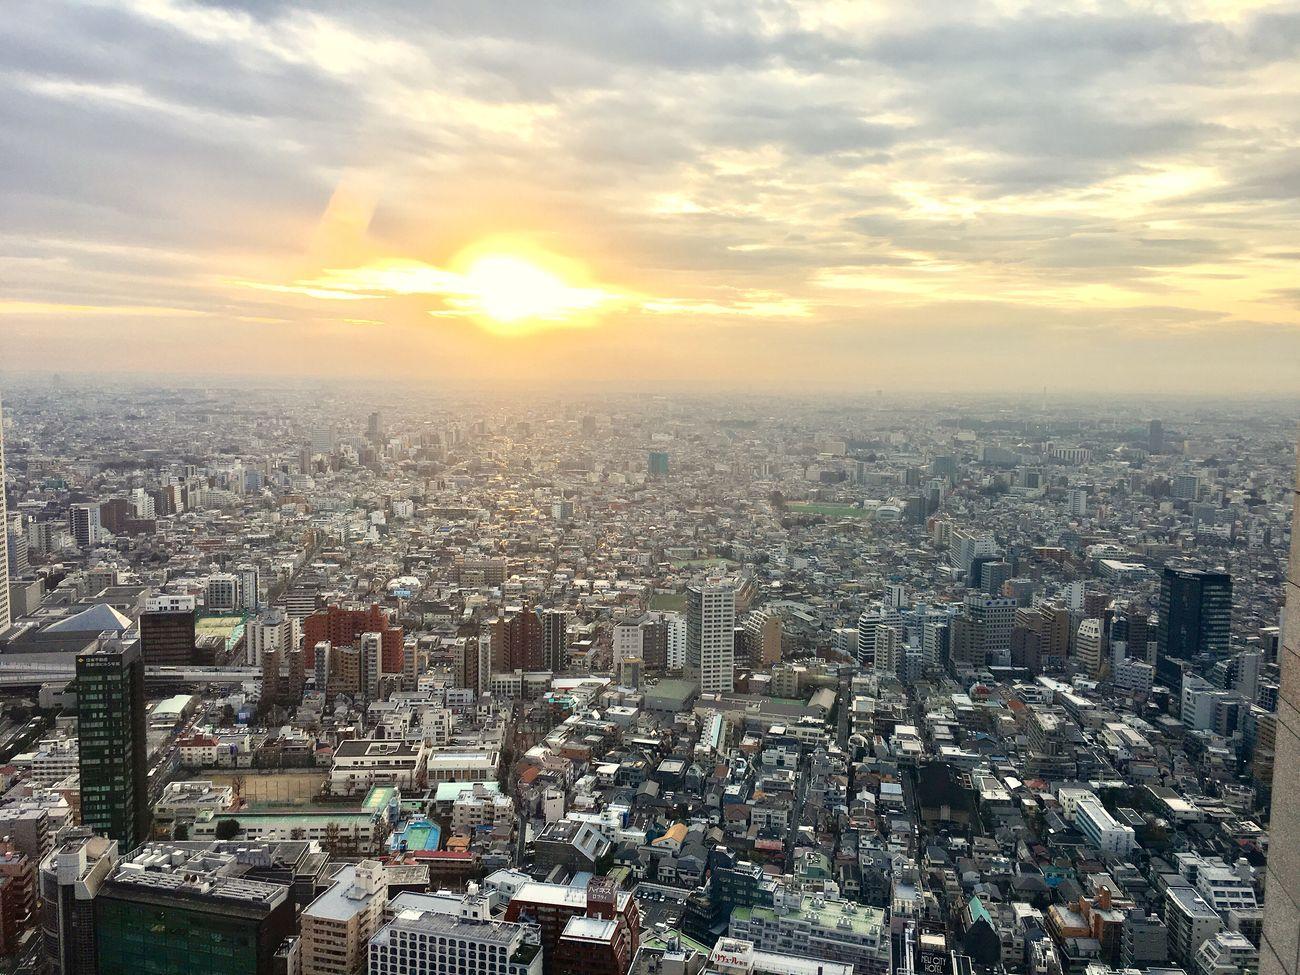 City Cityscape Building Exterior Architecture Sky Built Structure Cloud - Sky No People Tokyo